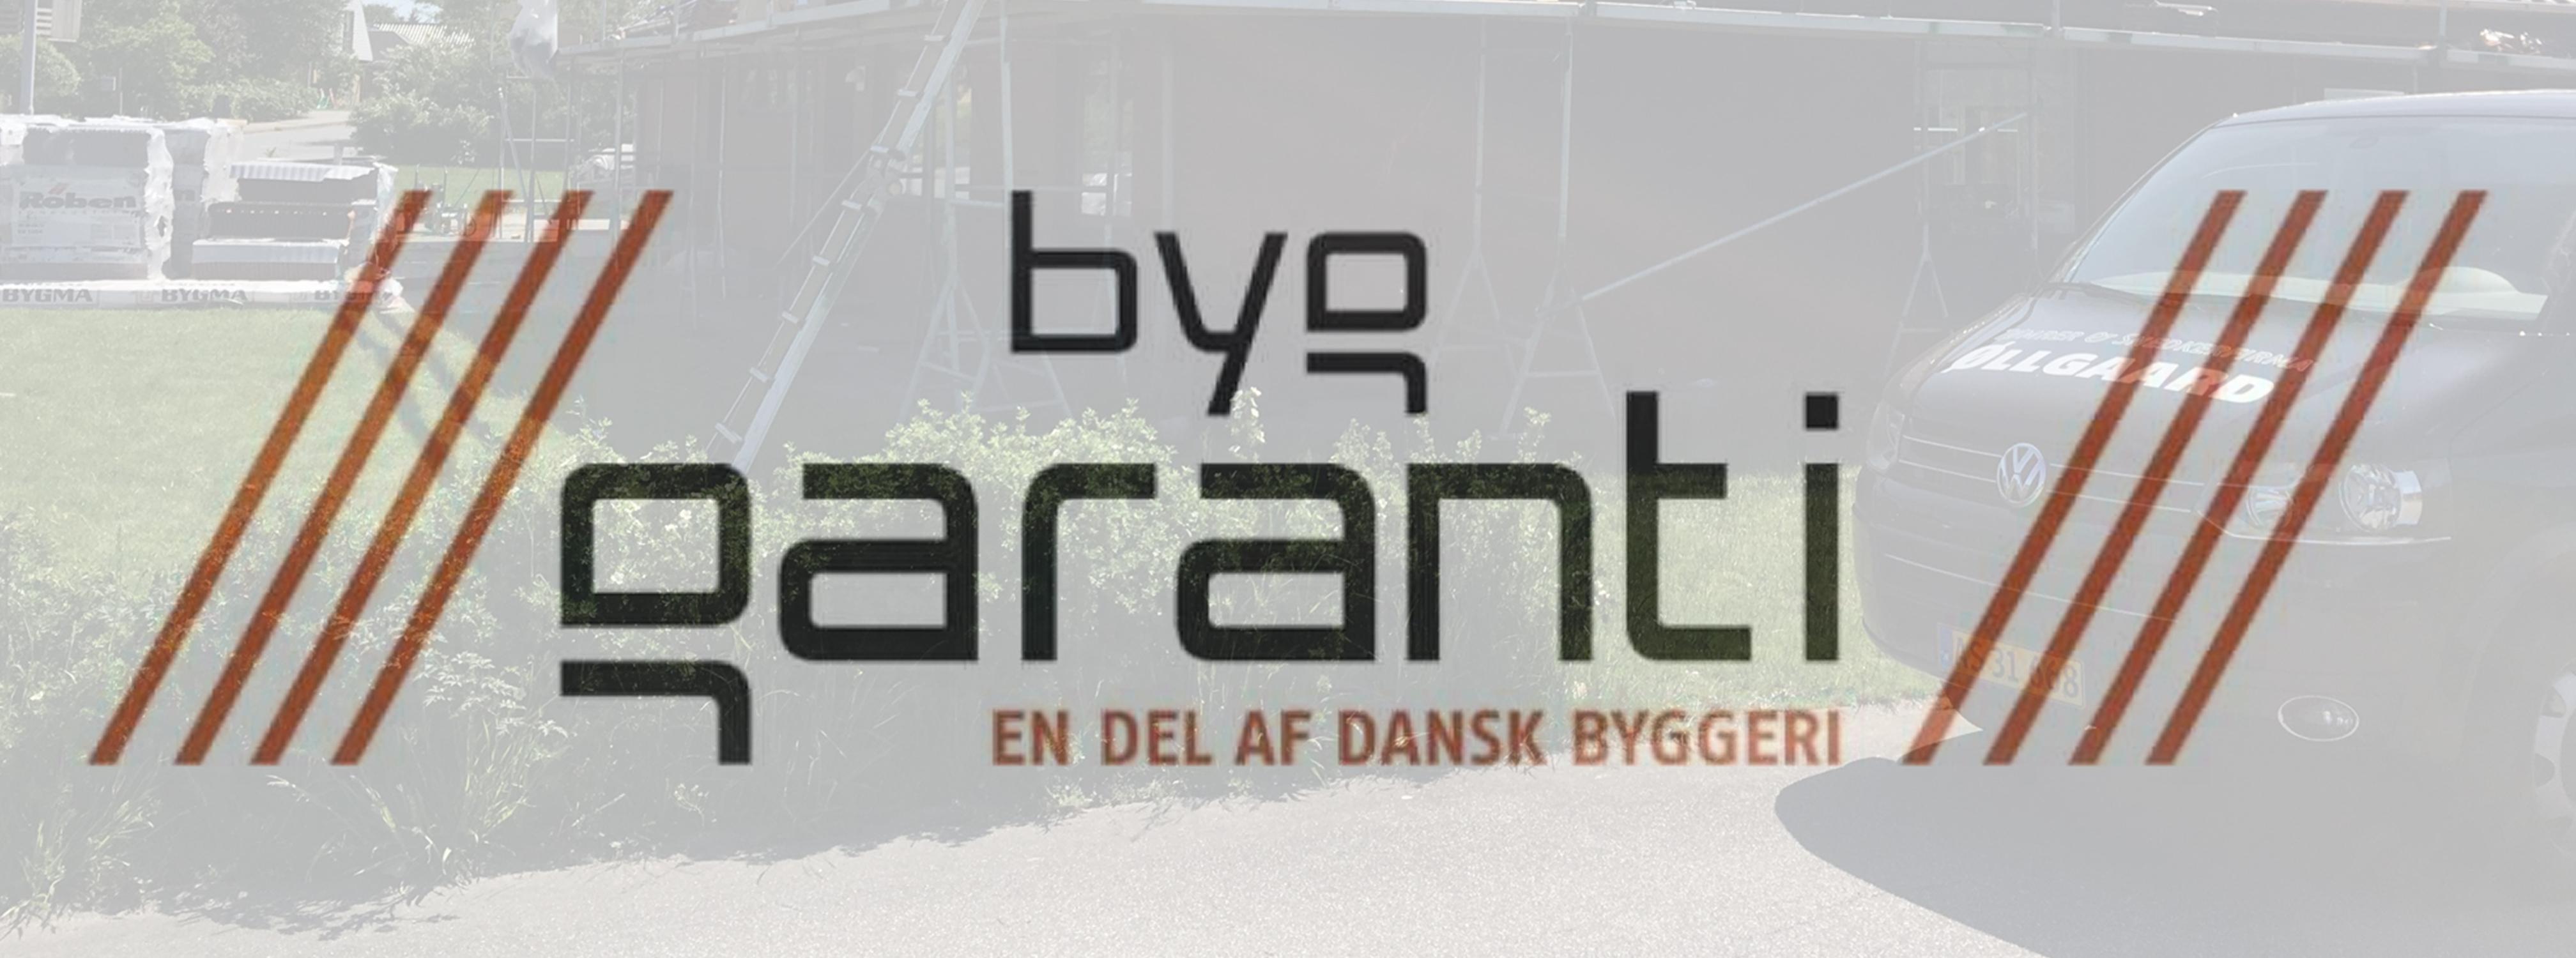 illus_byggaranti_VER2